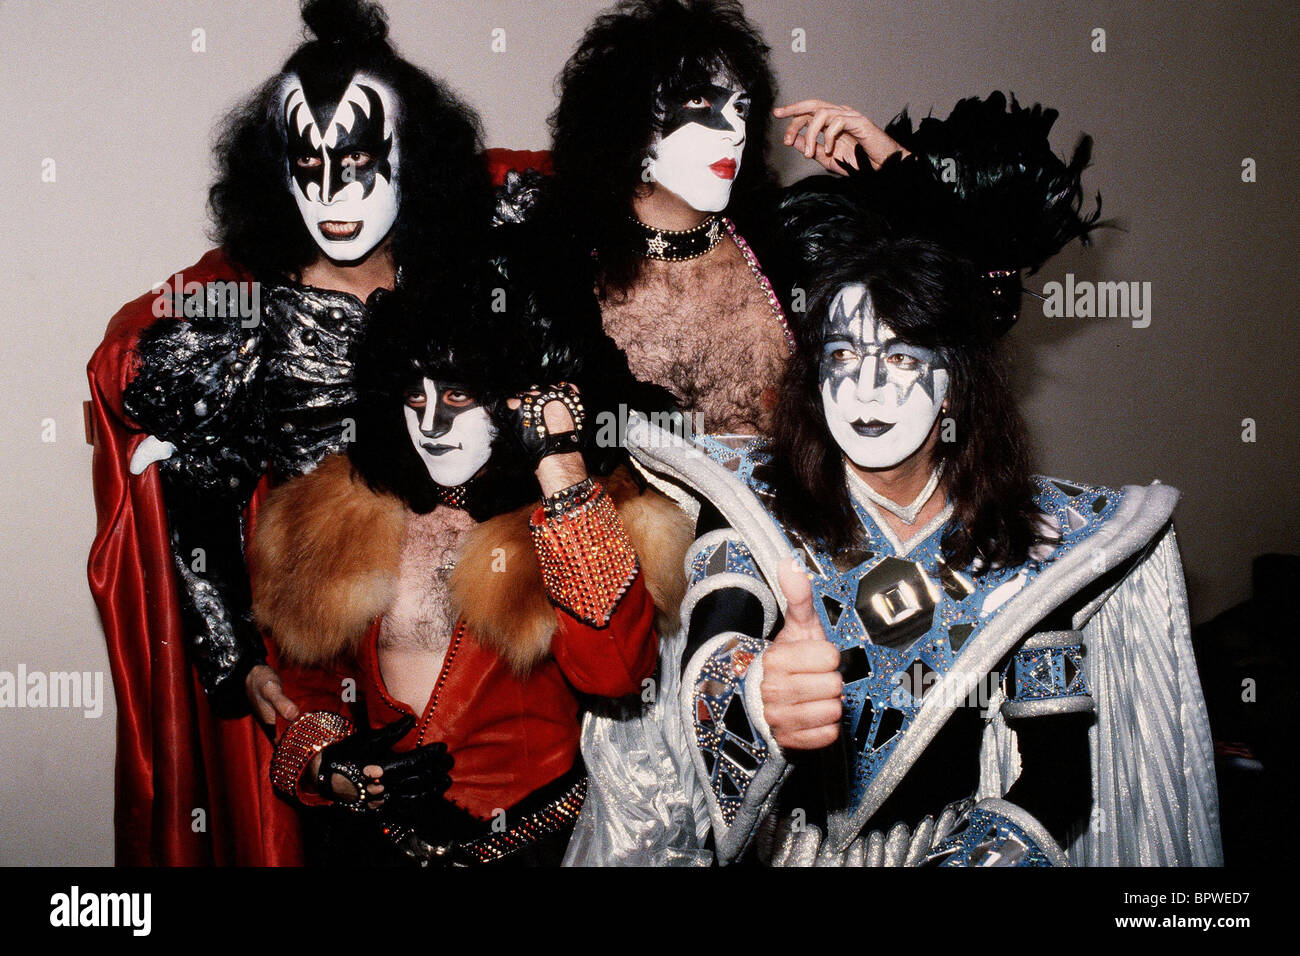 Rock Group Kiss Stock Photos & Rock Group Kiss Stock Images - Alamy